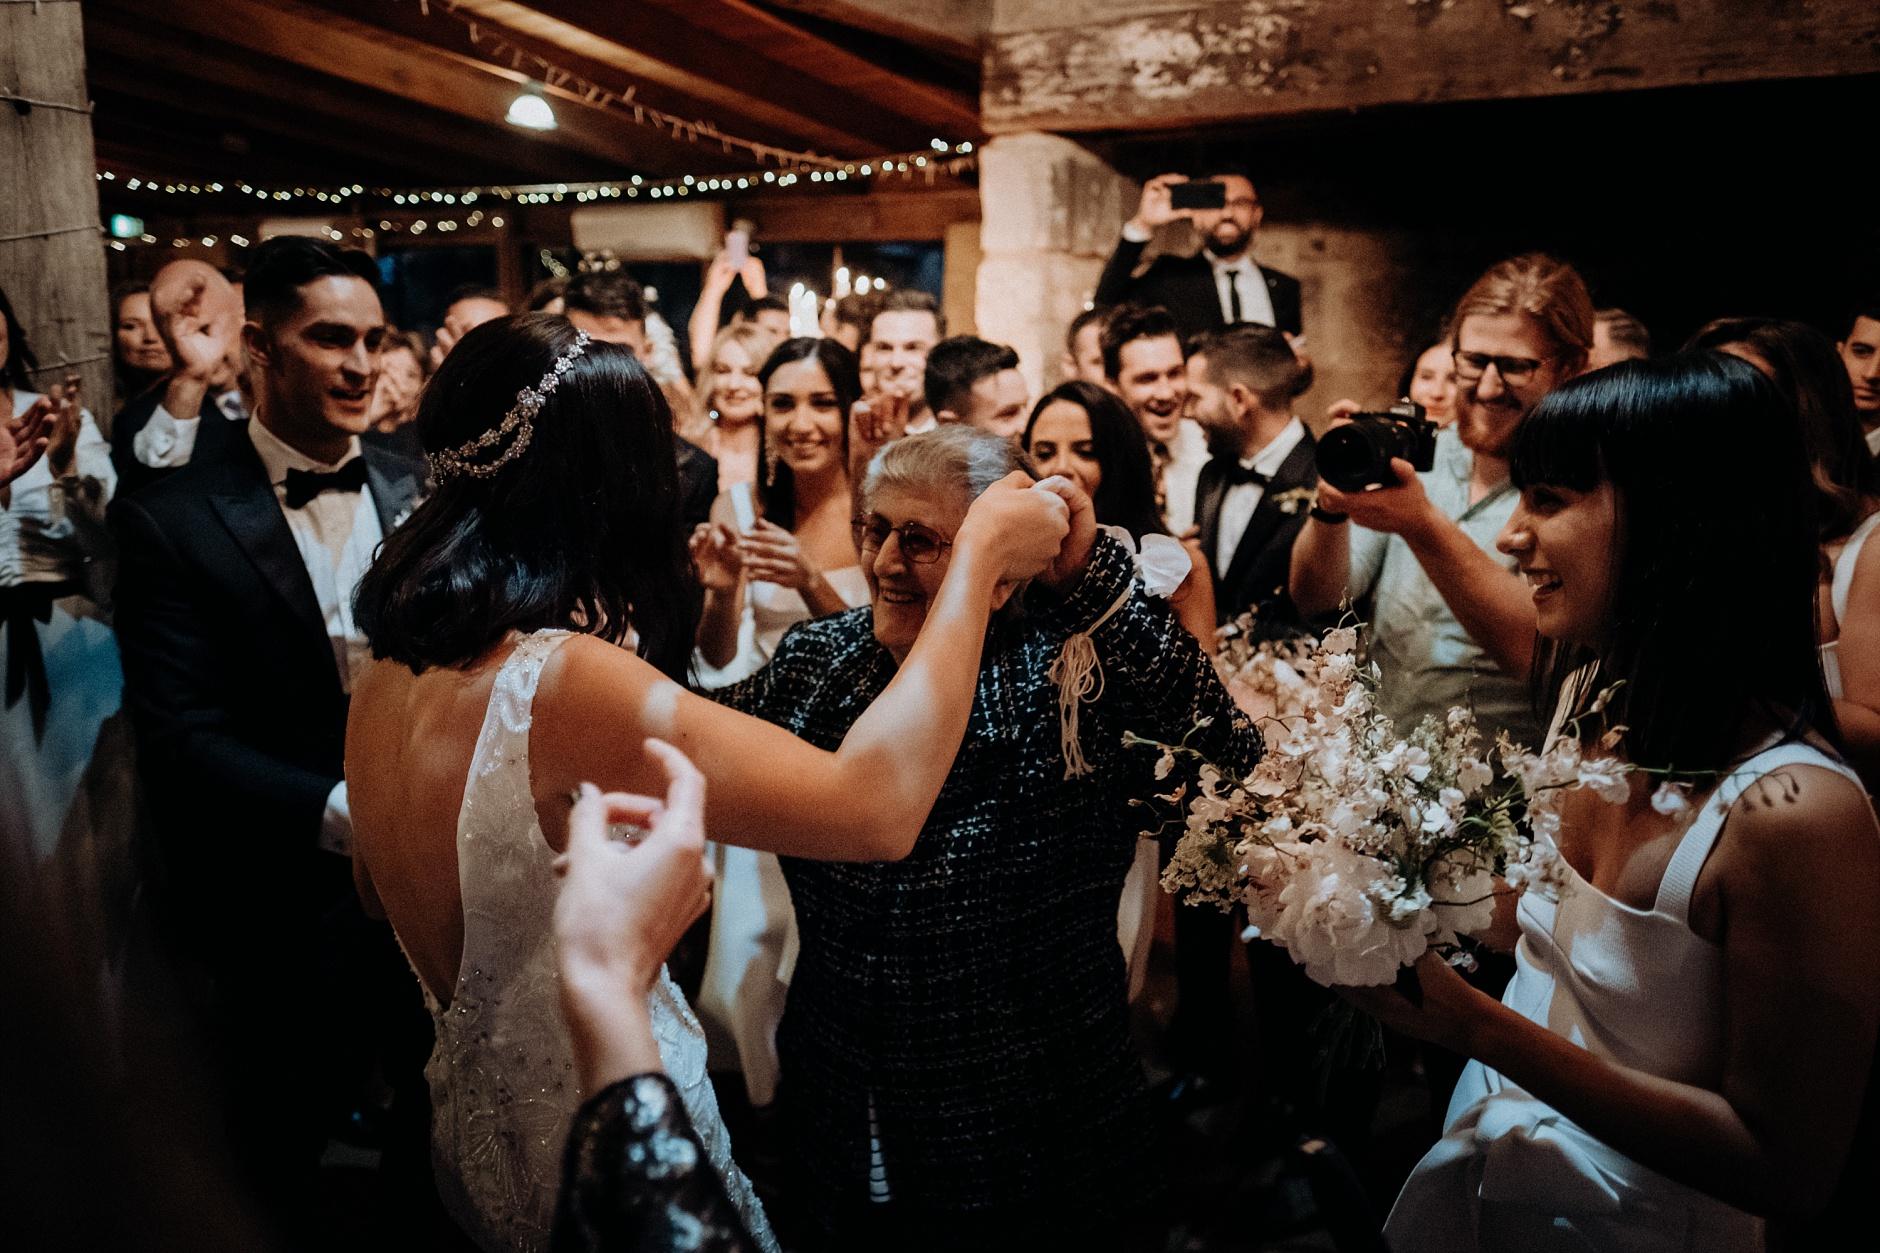 cassandra&cameron0894a_Peppers-Creek-Wedding.jpg